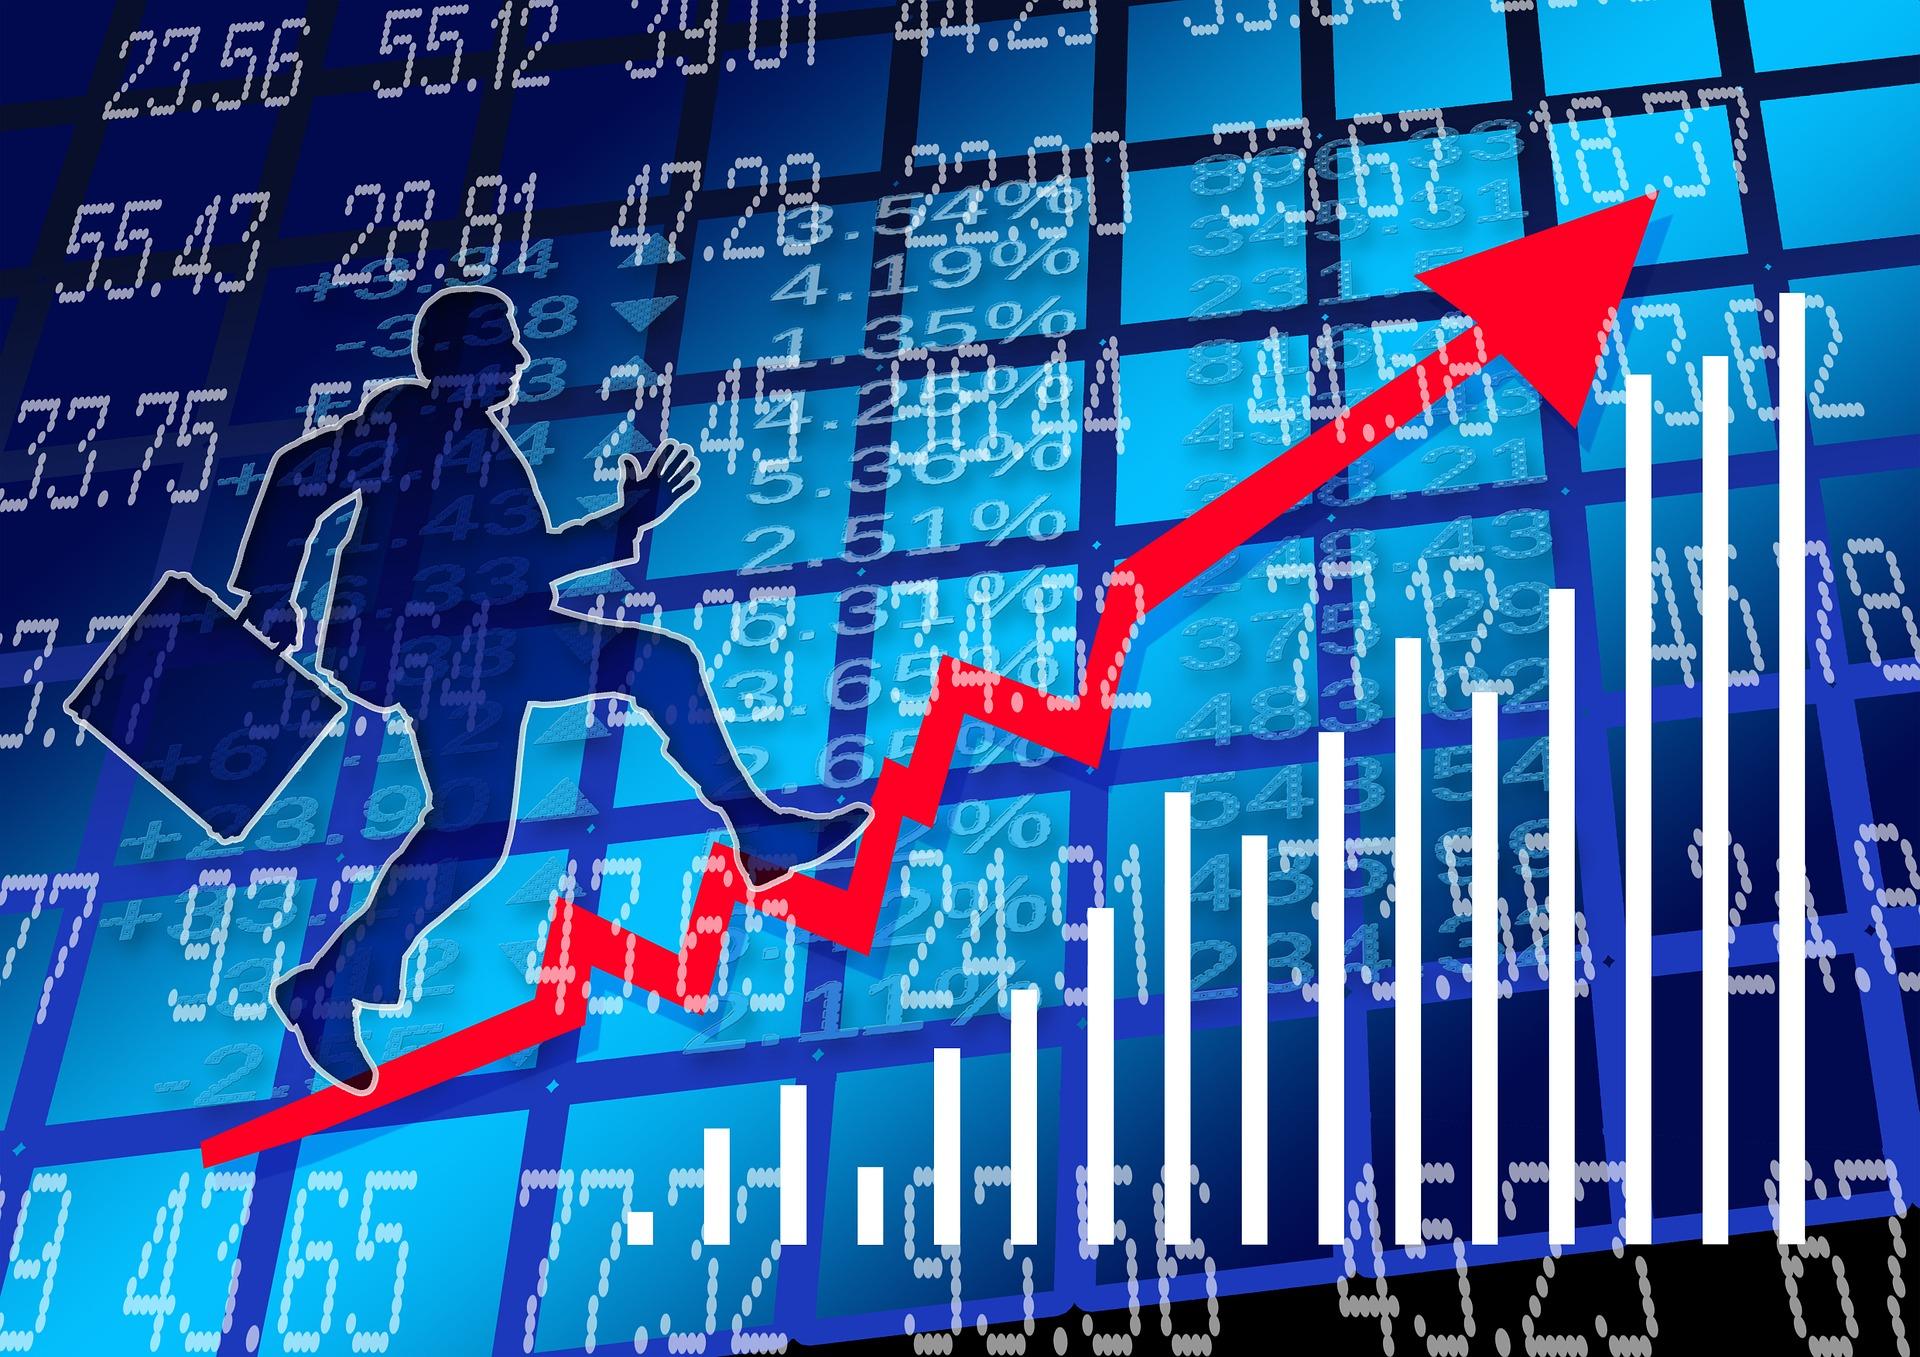 Indice de confiance des investisseurs : 2017 se termine très haut